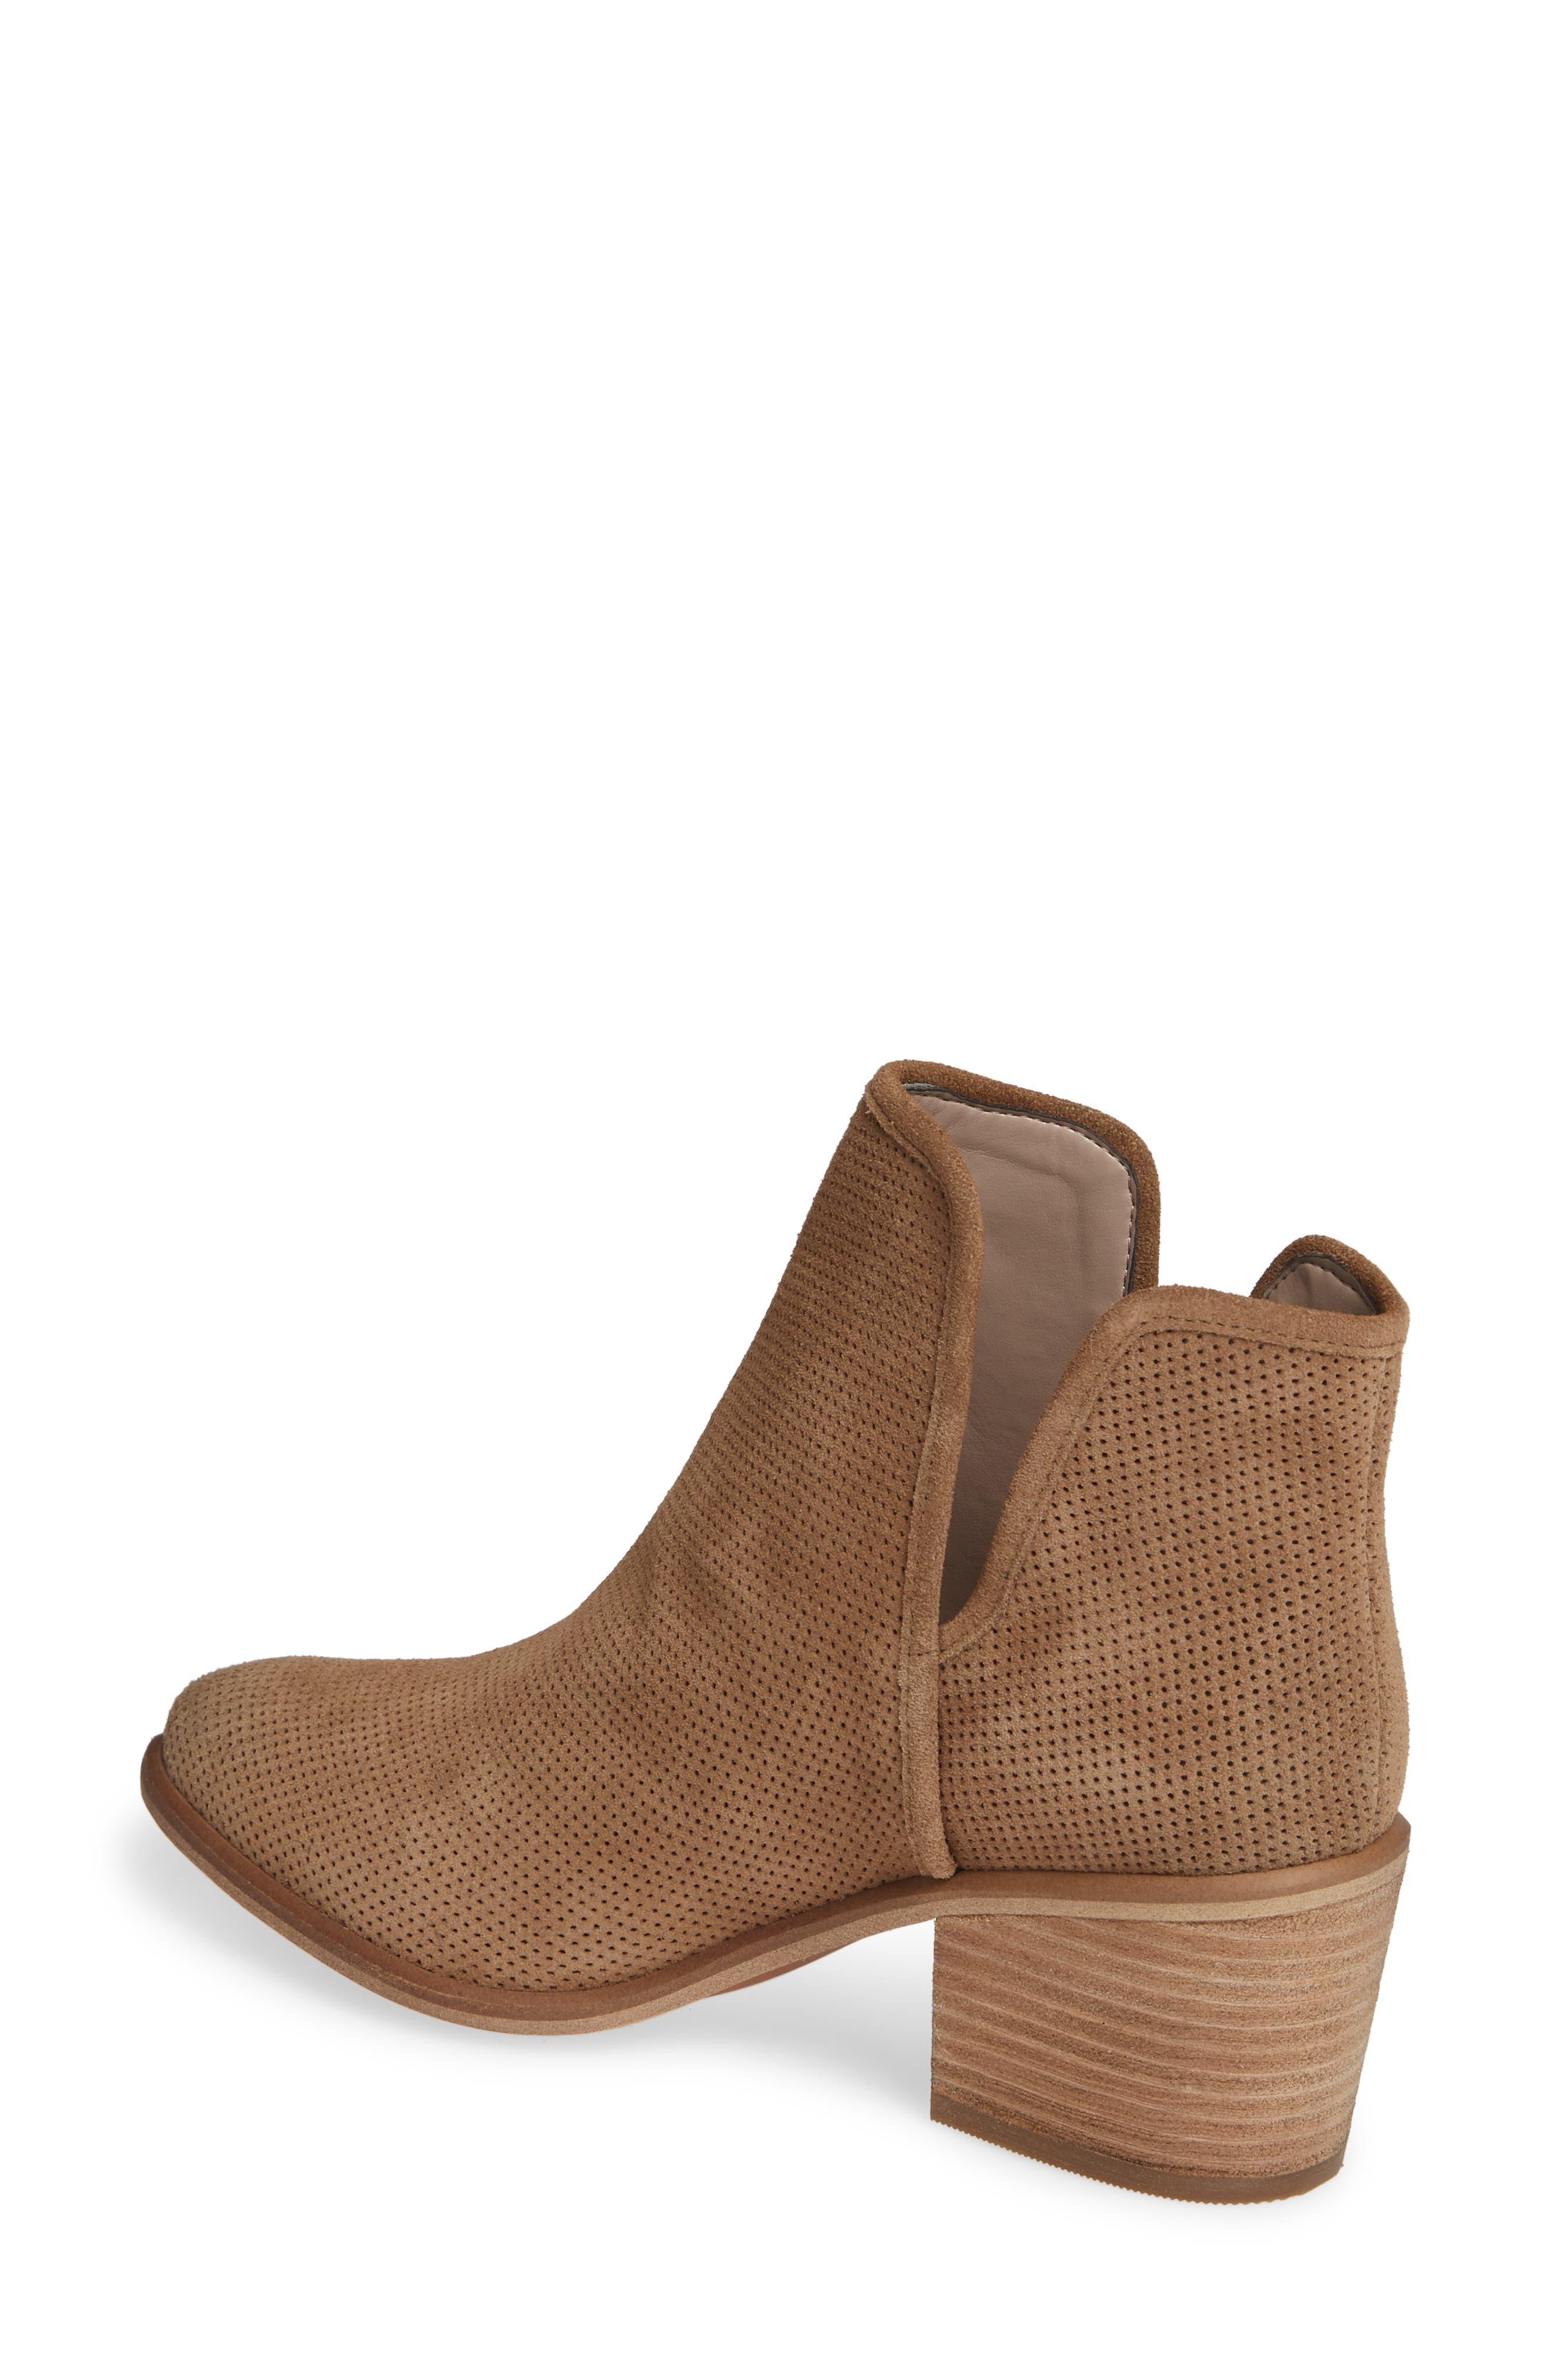 1f49da876c0d Women s Shoes Sale